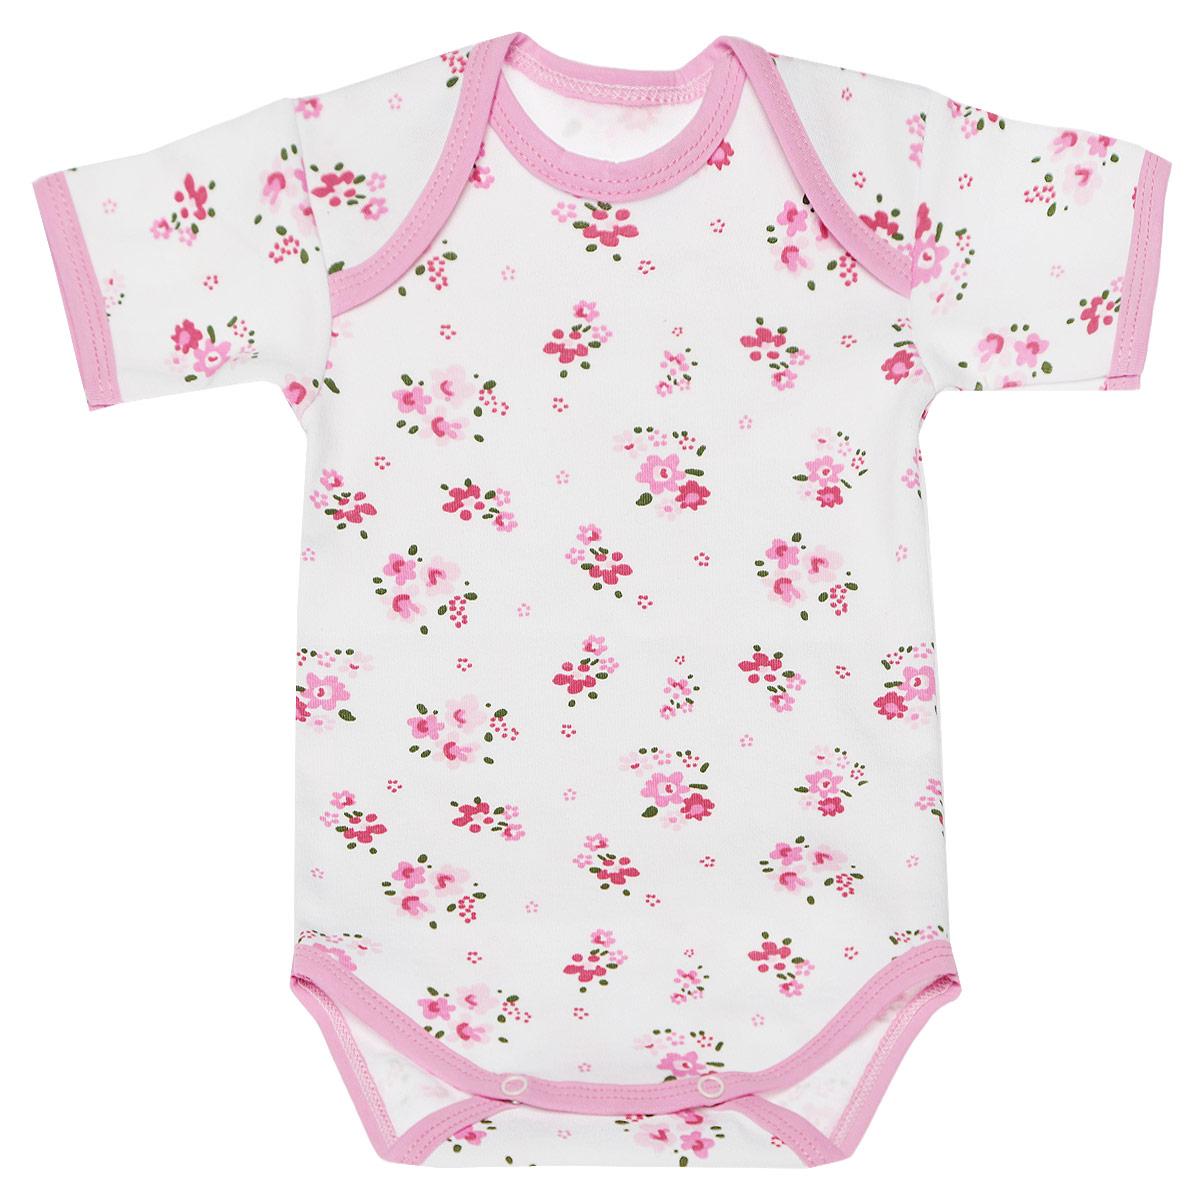 Боди-футболка для девочки. 5873_цветы5873_цветыУдобное боди-футболка для девочки Трон-плюс послужит идеальным дополнением к гардеробу вашей малышки, обеспечивая ей наибольший комфорт. Боди с короткими рукавами и круглым вырезом горловины изготовлено из интерлока - натурального хлопка, благодаря чему оно необычайно мягкое и легкое, не раздражает нежную кожу ребенка и хорошо вентилируется, а эластичные швы приятны телу младенца и не препятствуют его движениям. Удобные запахи на плечах и кнопки на ластовице помогают легко переодеть ребенка или сменить подгузник. Вырез горловины, запахи, низ рукавов и ластовица дополнены контрастной бейкой. Оформлена модель цветочным принтом. Боди полностью соответствует особенностям жизни ребенка в ранний период, не стесняя и не ограничивая его в движениях. В нем ваша малышка всегда будет в центре внимания.